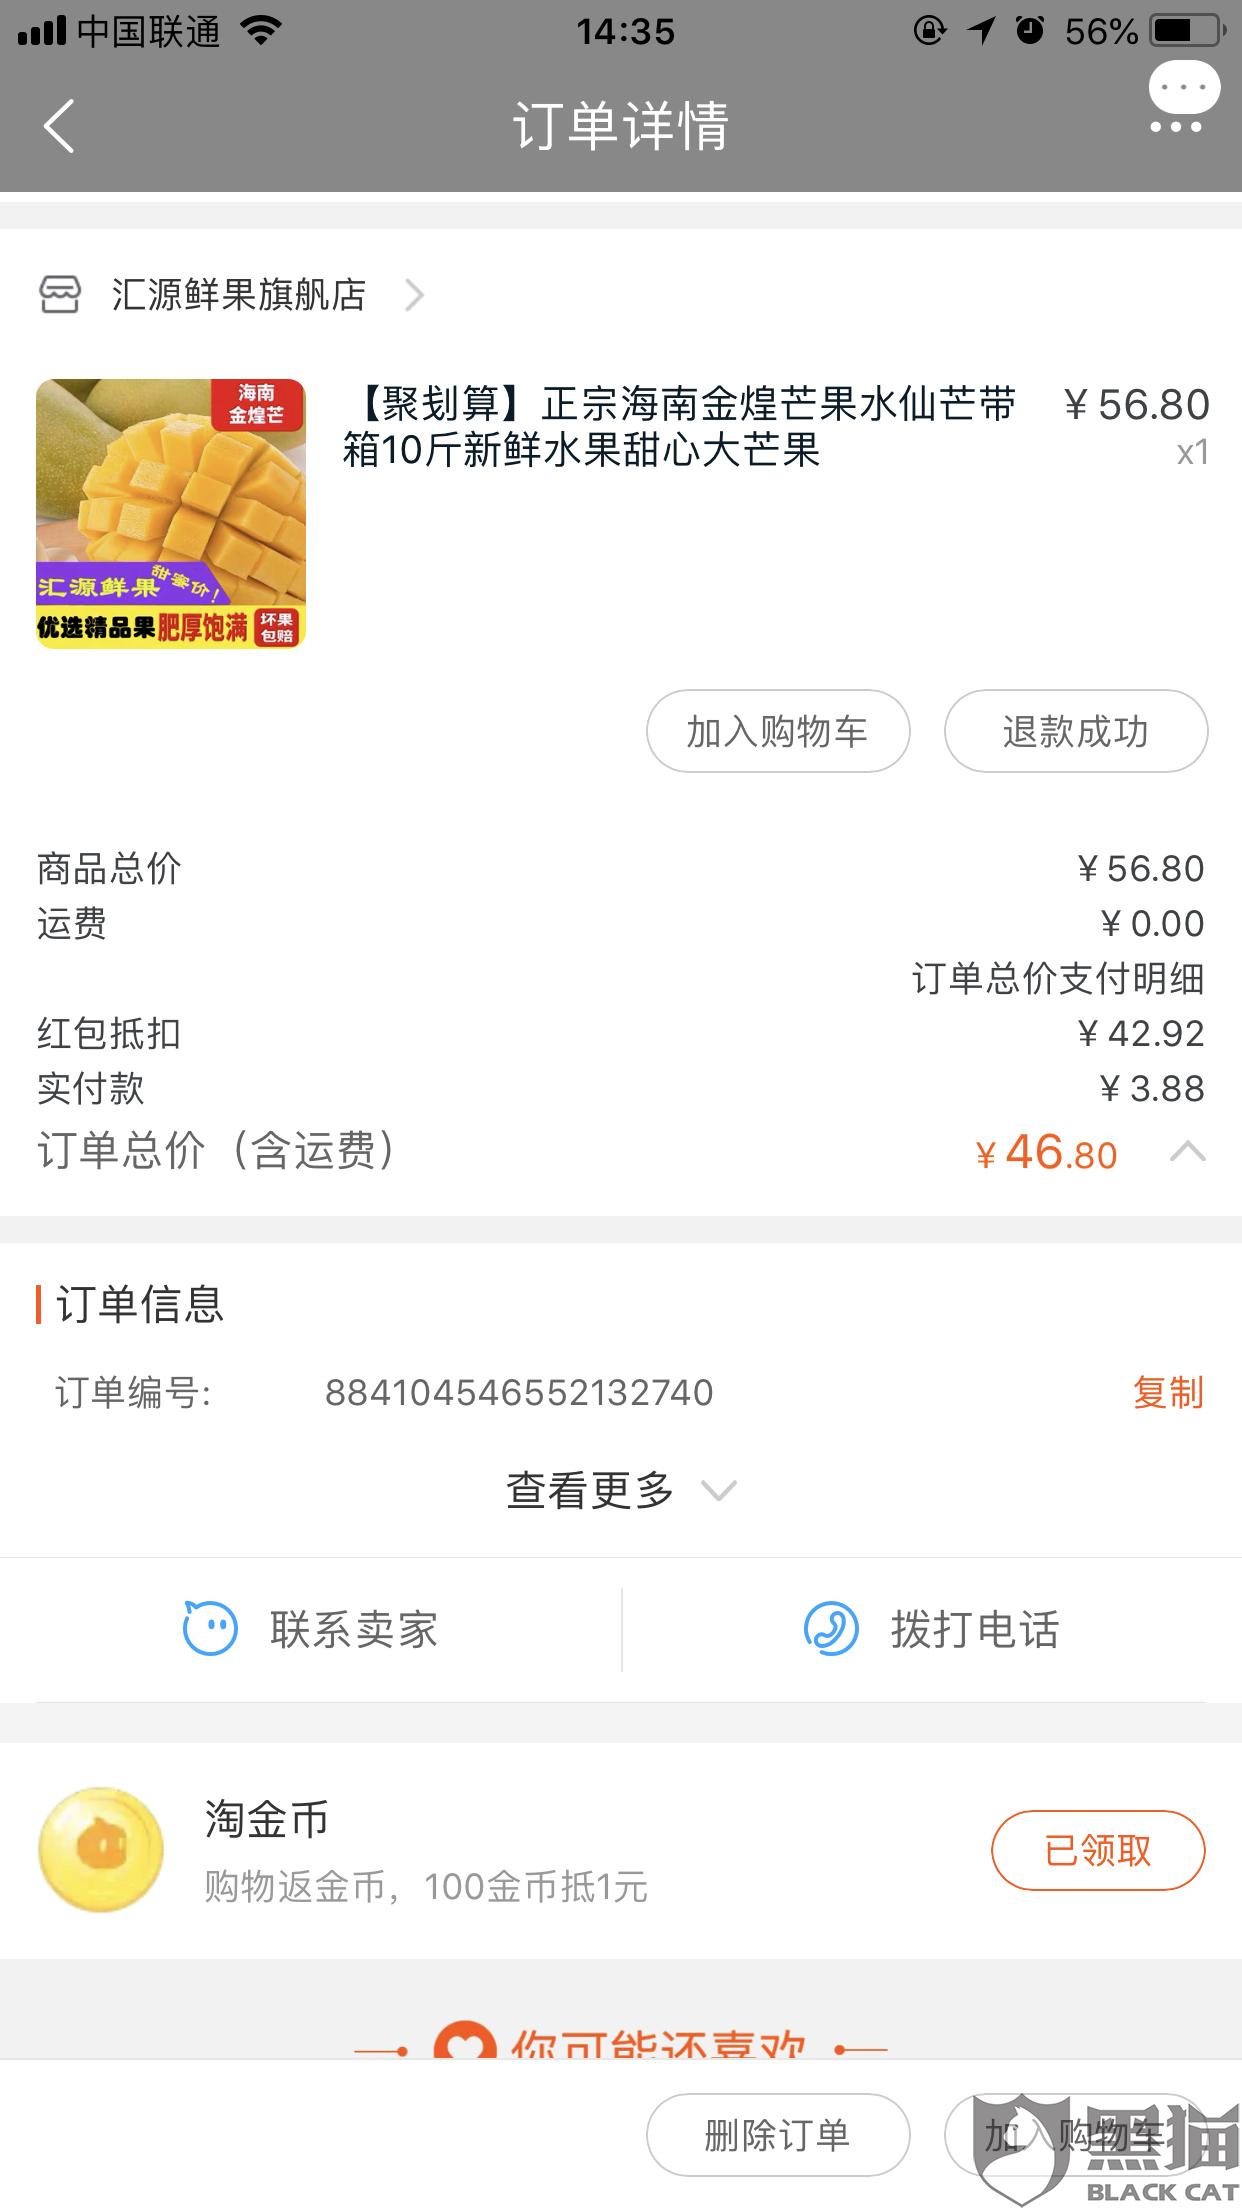 黑猫投诉:汇源鲜果旗舰店